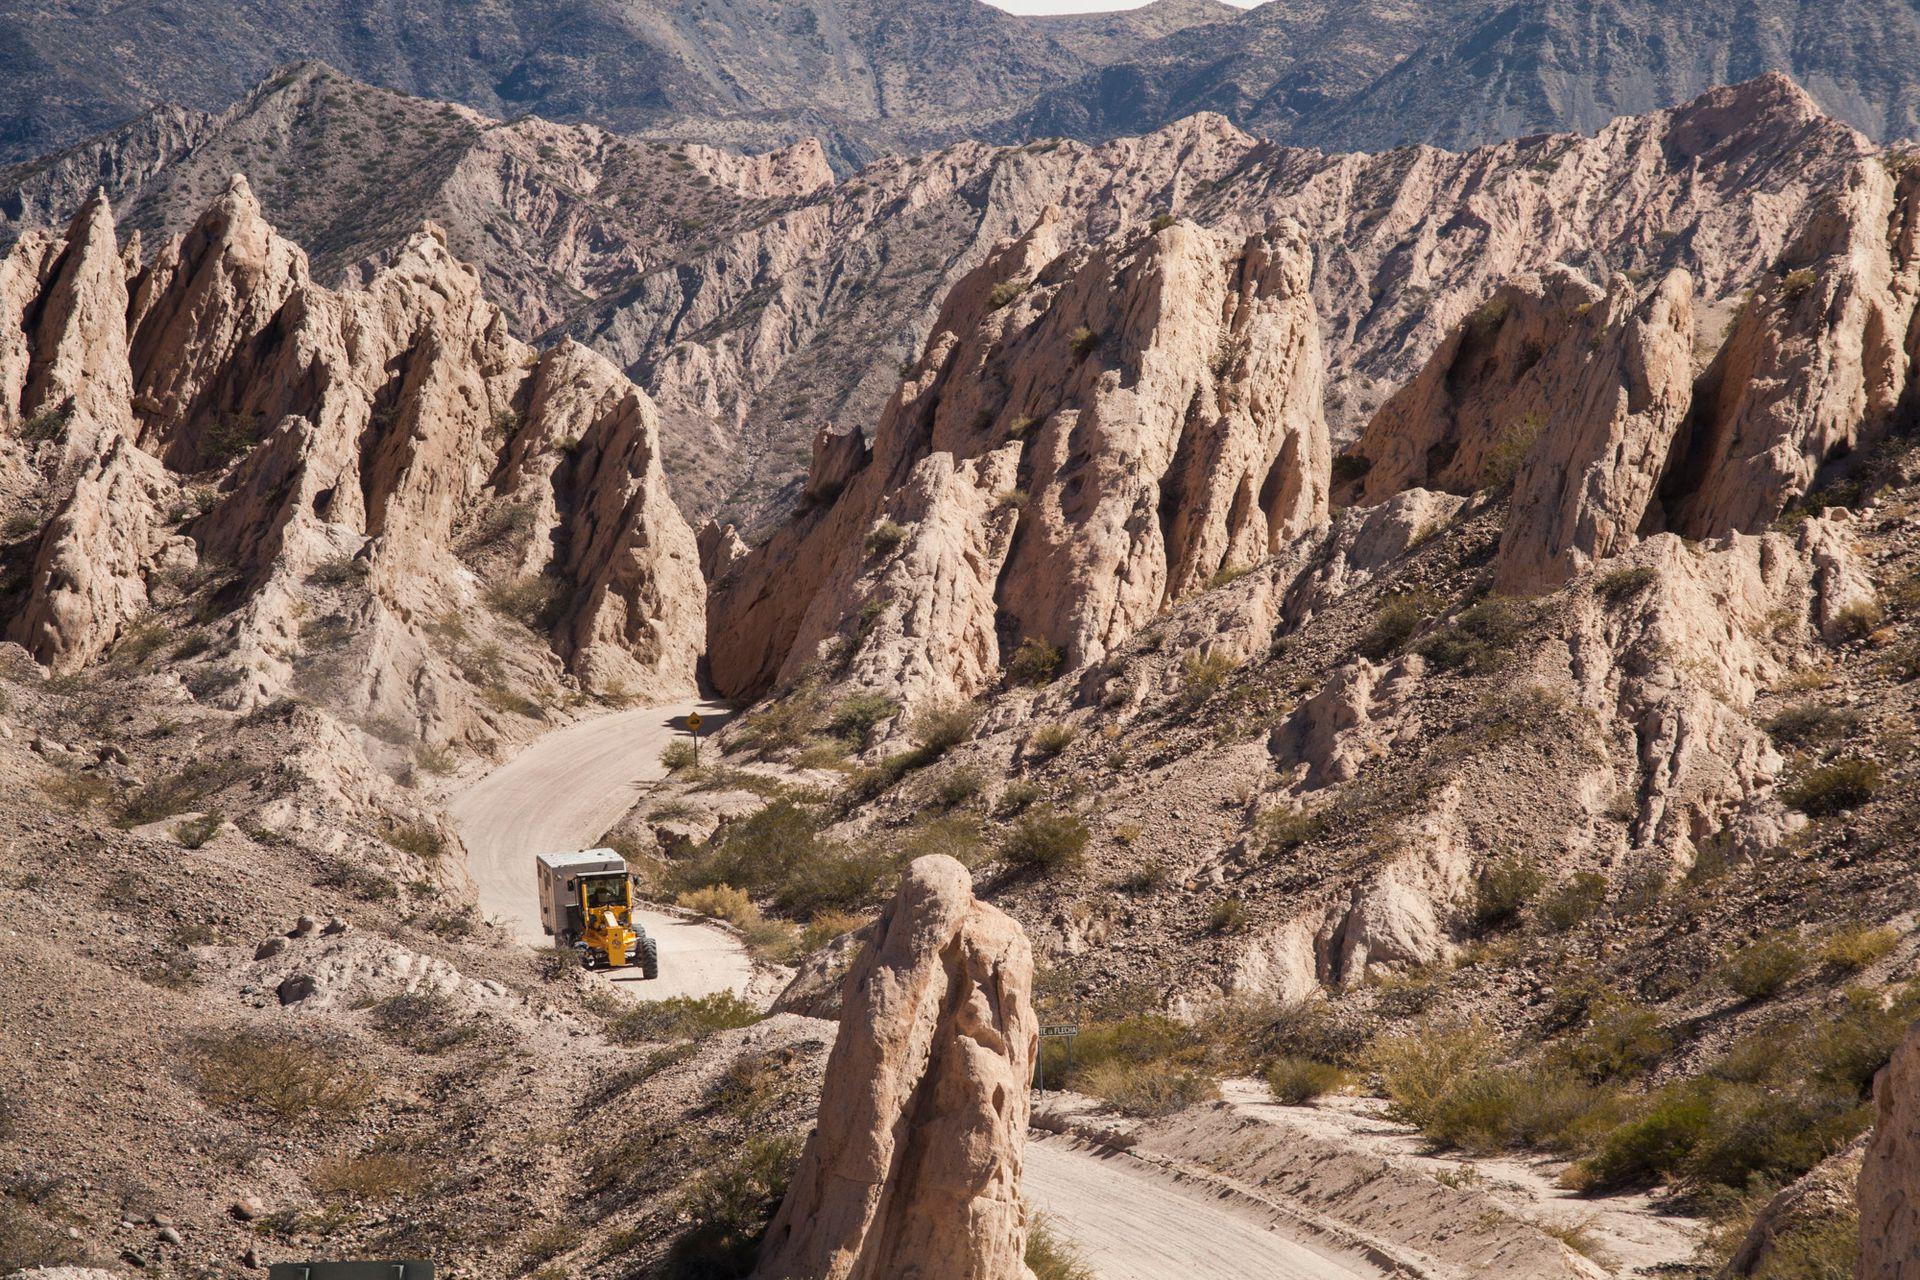 Quebrada de las Flechas, uno de los paisajes más conocidos de los Valles Calchaquíes de Salta, en las afueras de Angastaco.